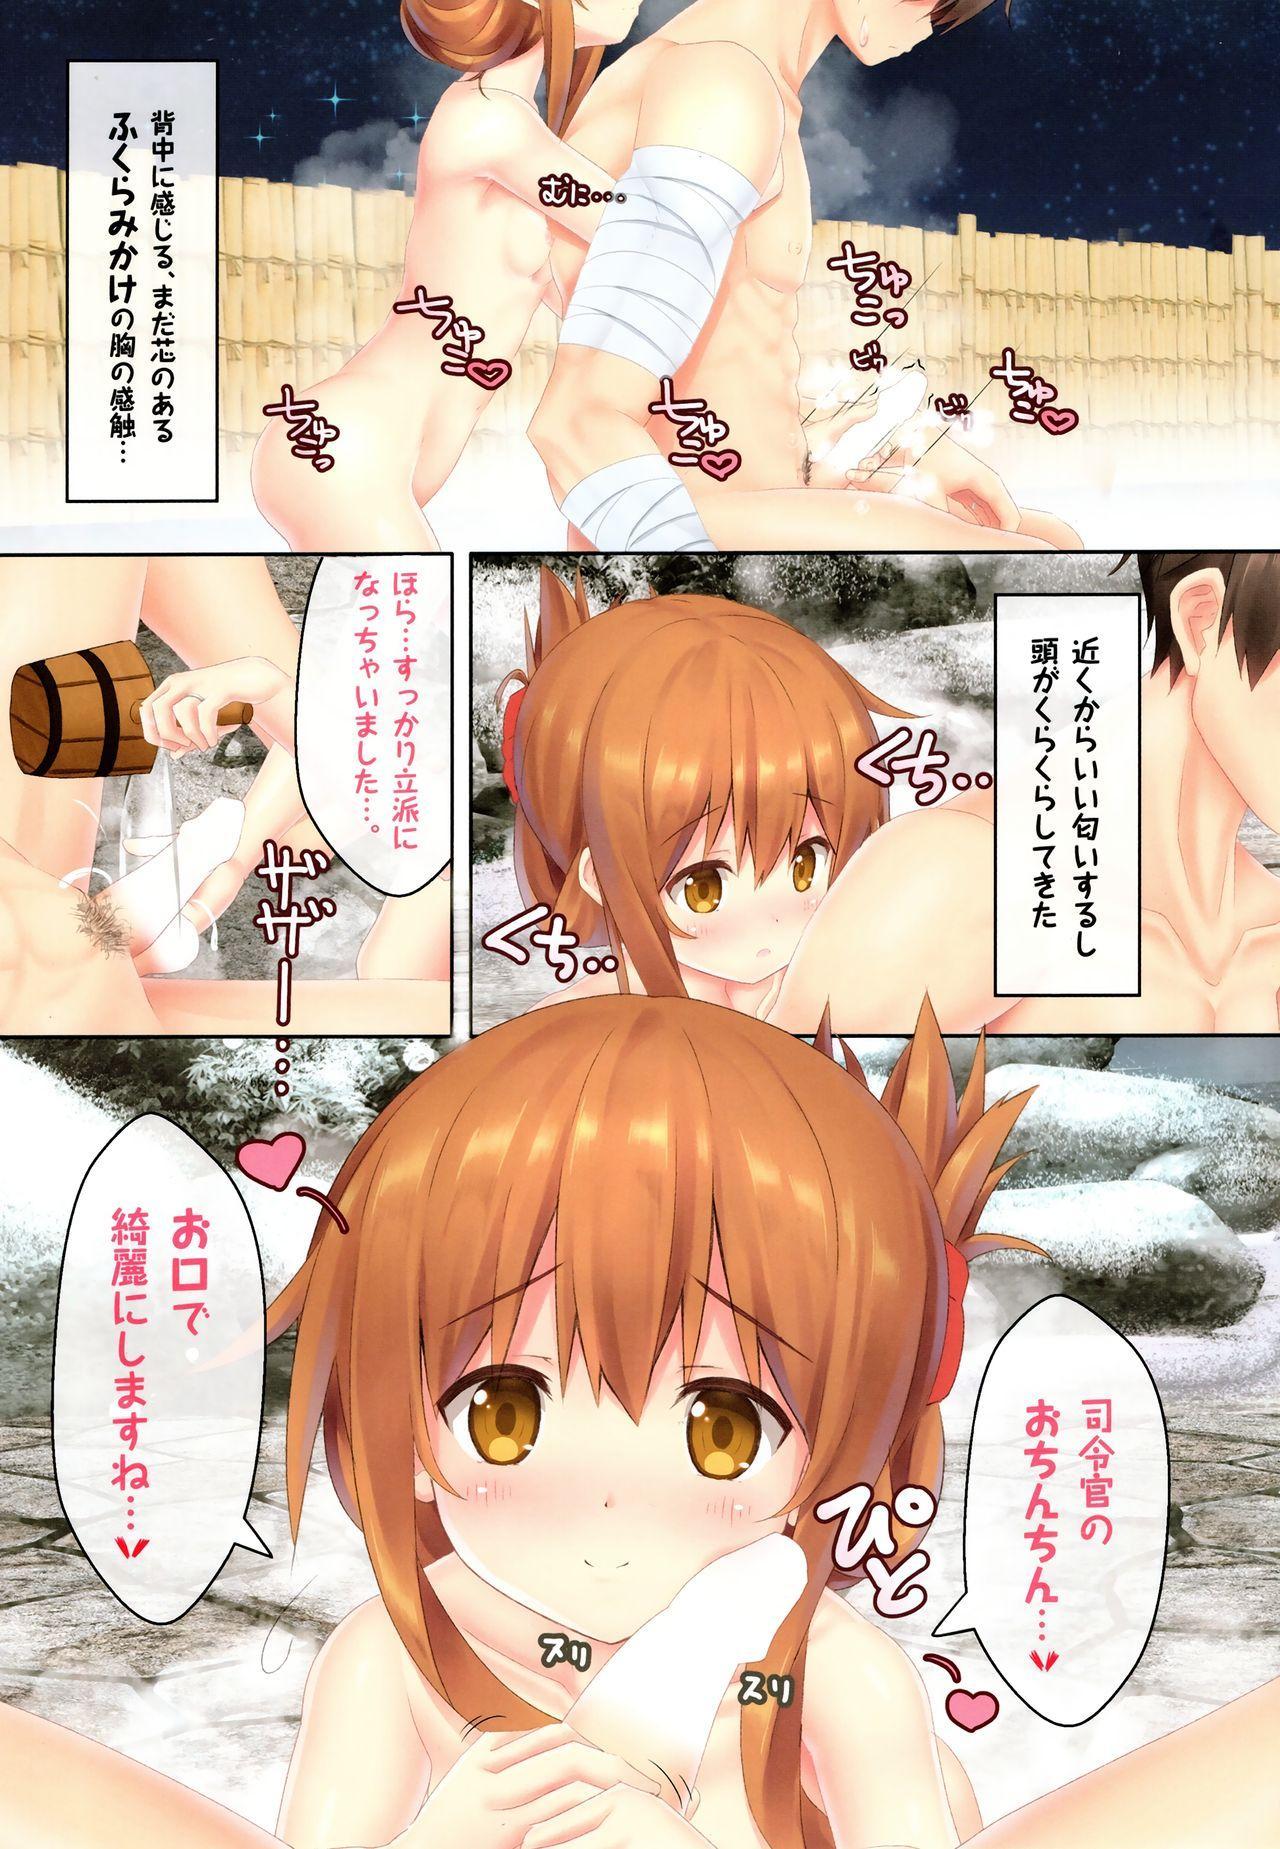 Inazuma to Issho ni Nyuukyo nano desu! 9